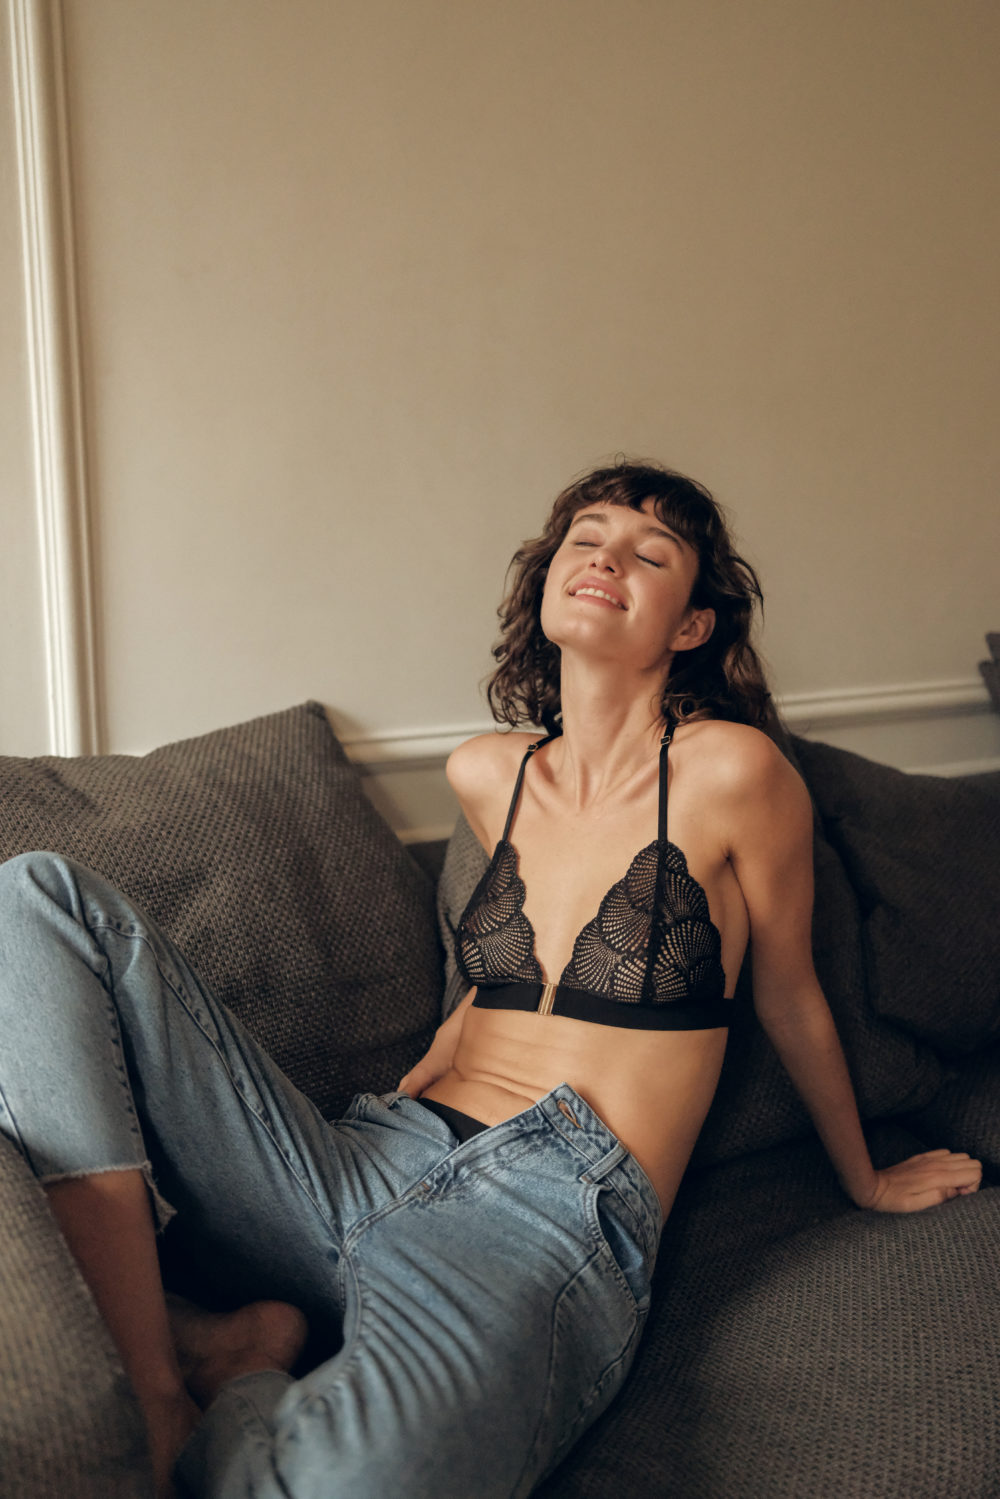 laredoute-lookbook-lingerie-mode-lifestyle-style-mariemigneau